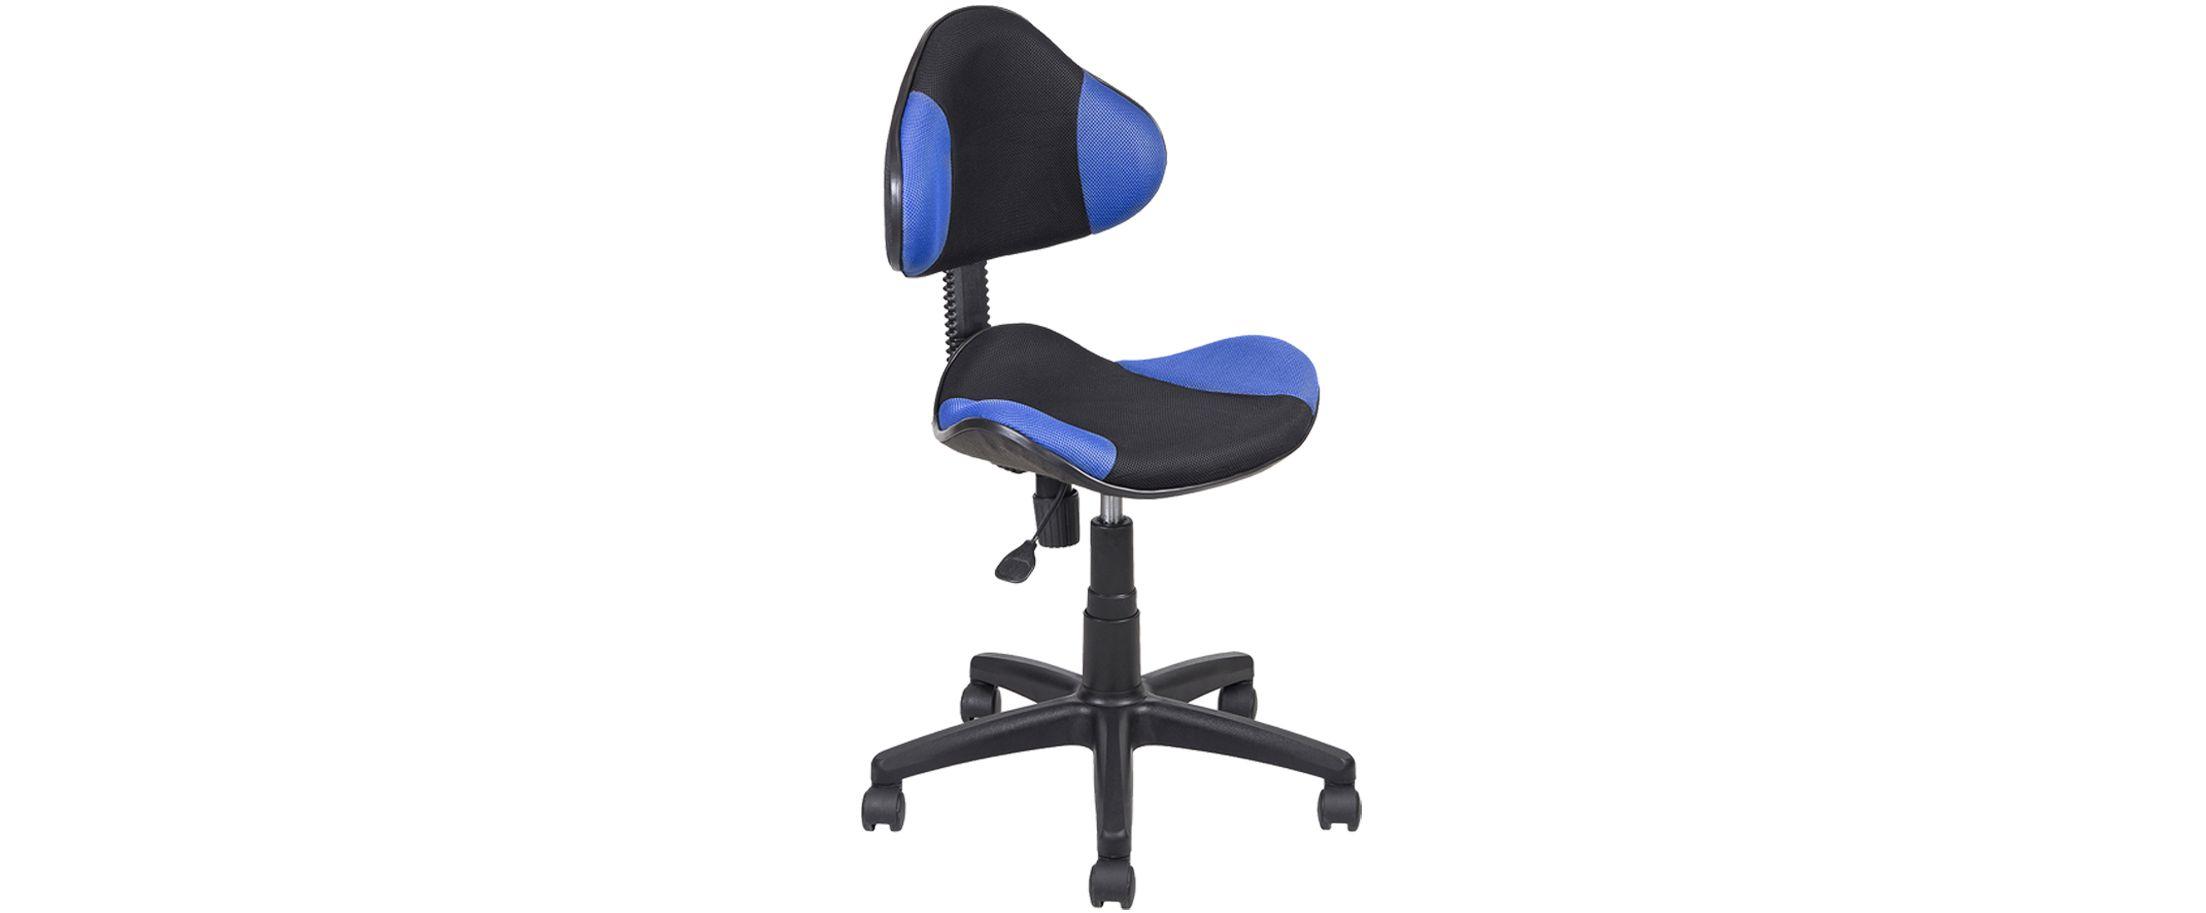 Кресло офисное AV 215 цвет синий/черный Модель 999Кресло офисное AV 215 цвет синий/черный Модель 999. Артикул Д000741<br><br>Ширина см: 35<br>Глубина см: 53<br>Высота см: 105<br>Цвет: Синий